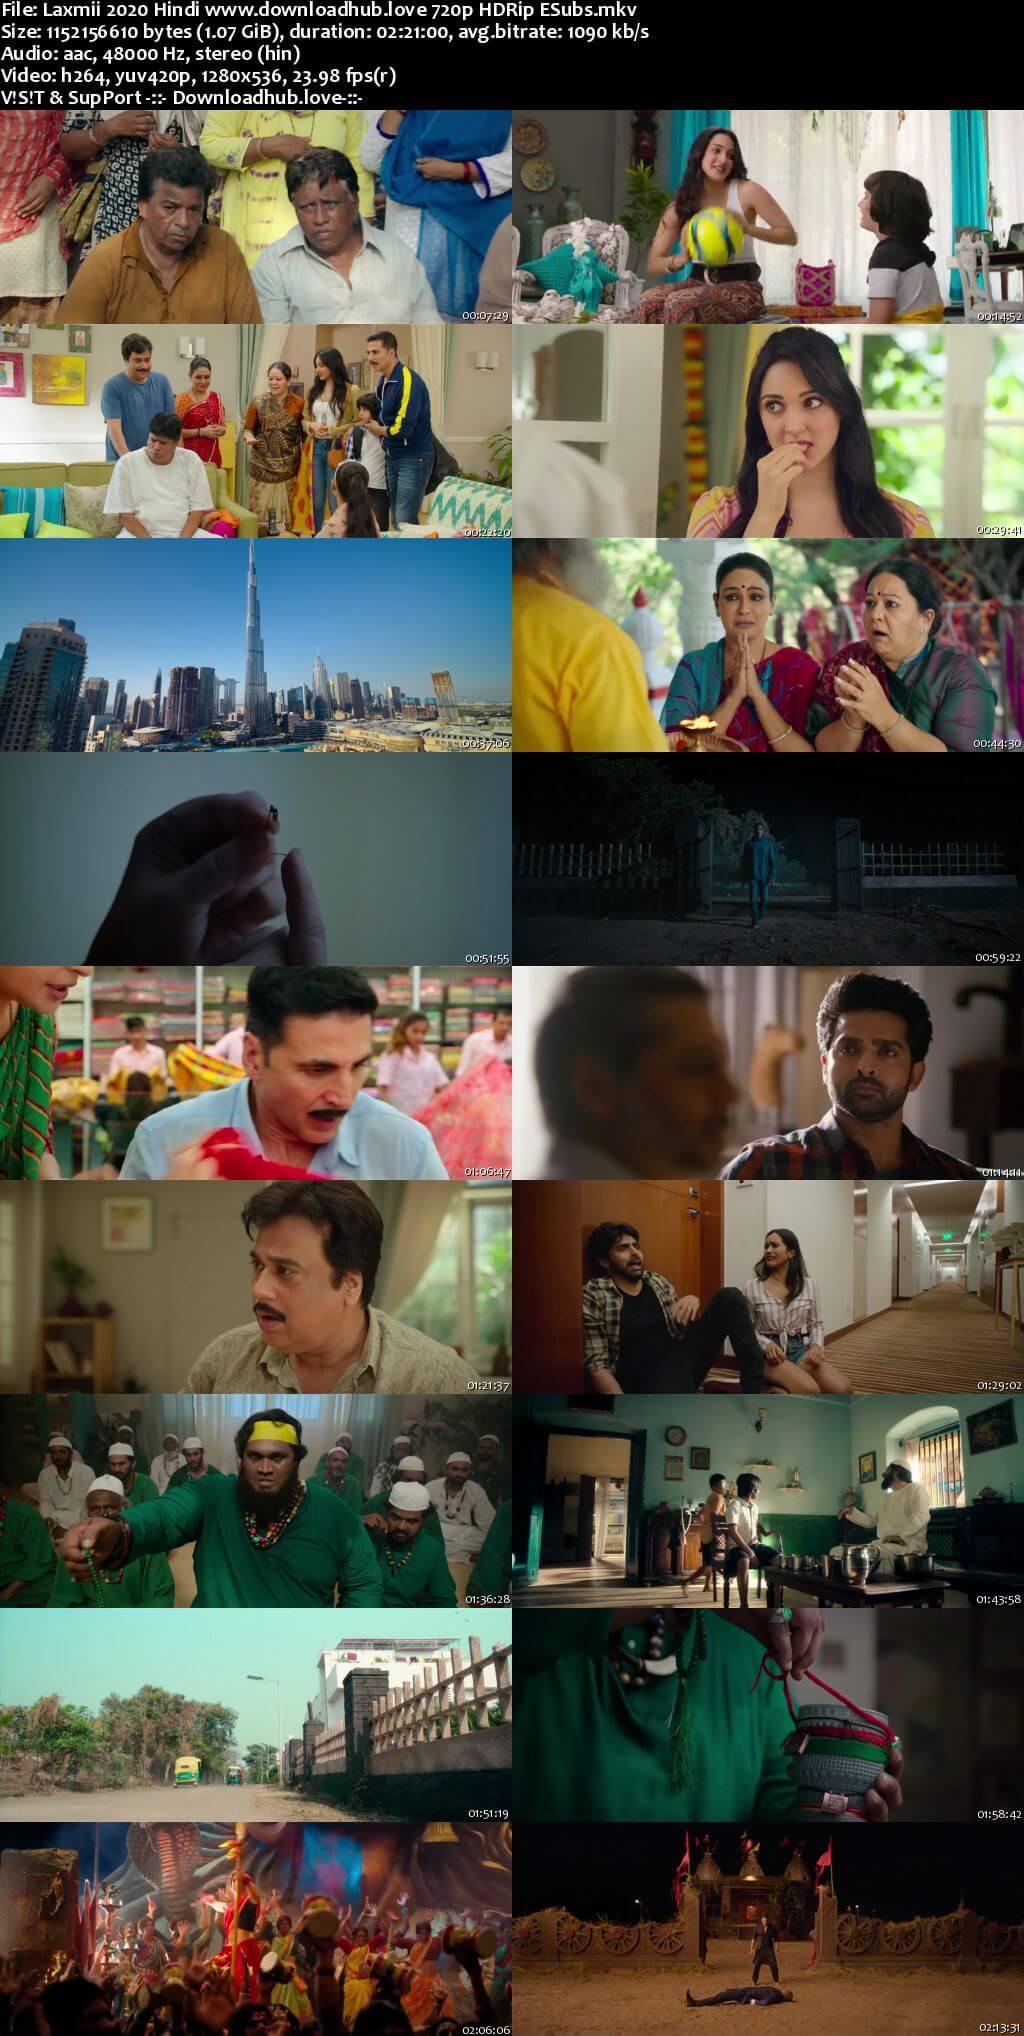 Laxmii 2020 Hindi 720p HDRip ESubs